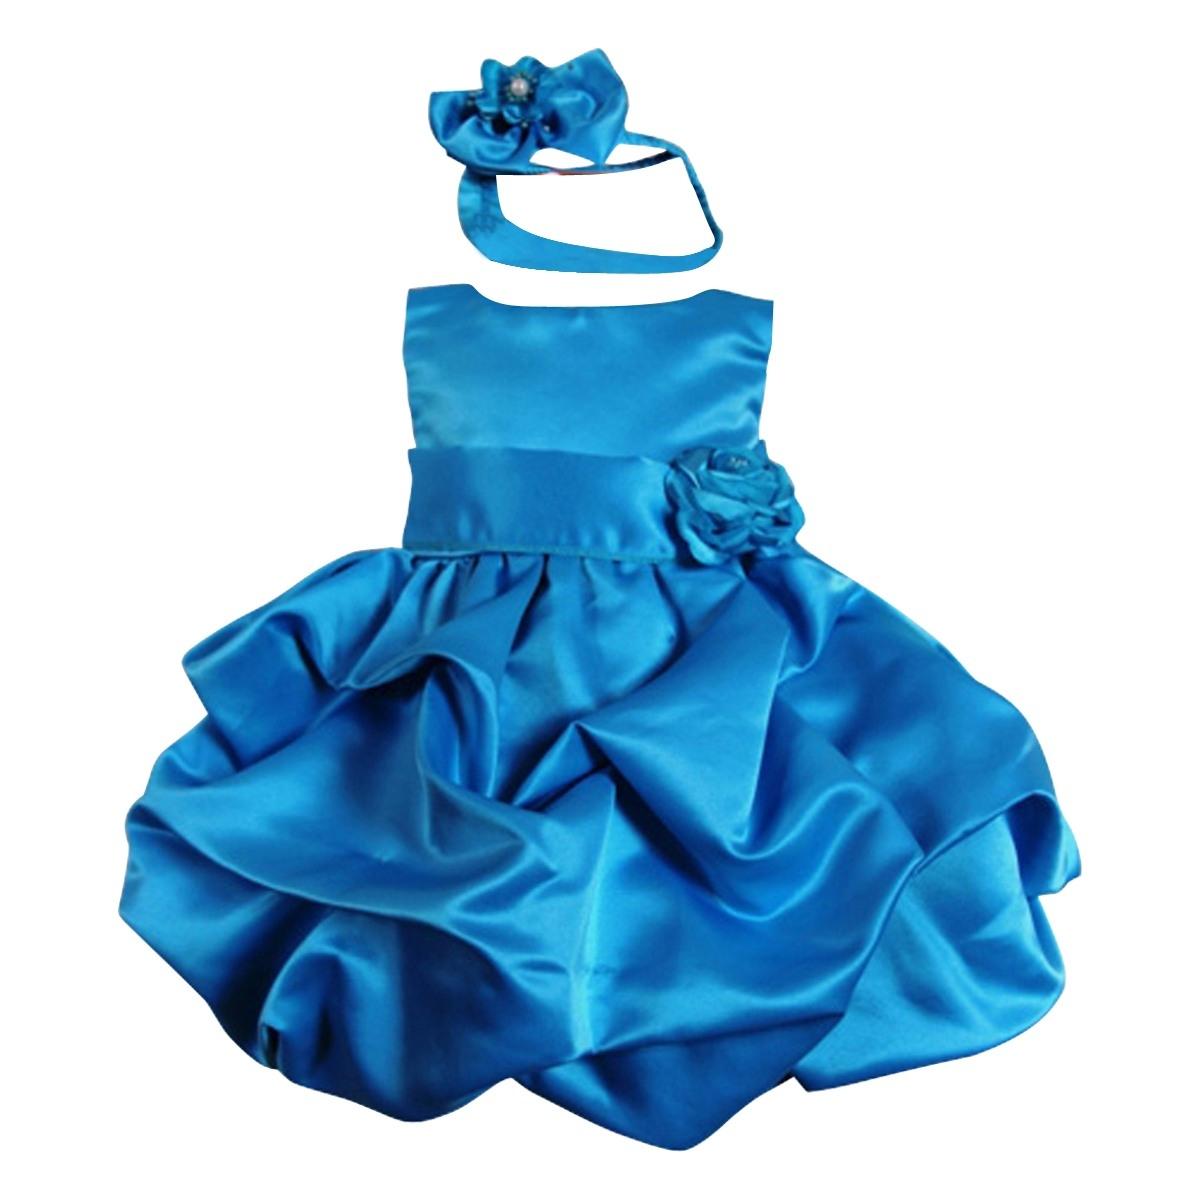 10 Großartig Festliches Kleid Türkis Boutique17 Ausgezeichnet Festliches Kleid Türkis Vertrieb